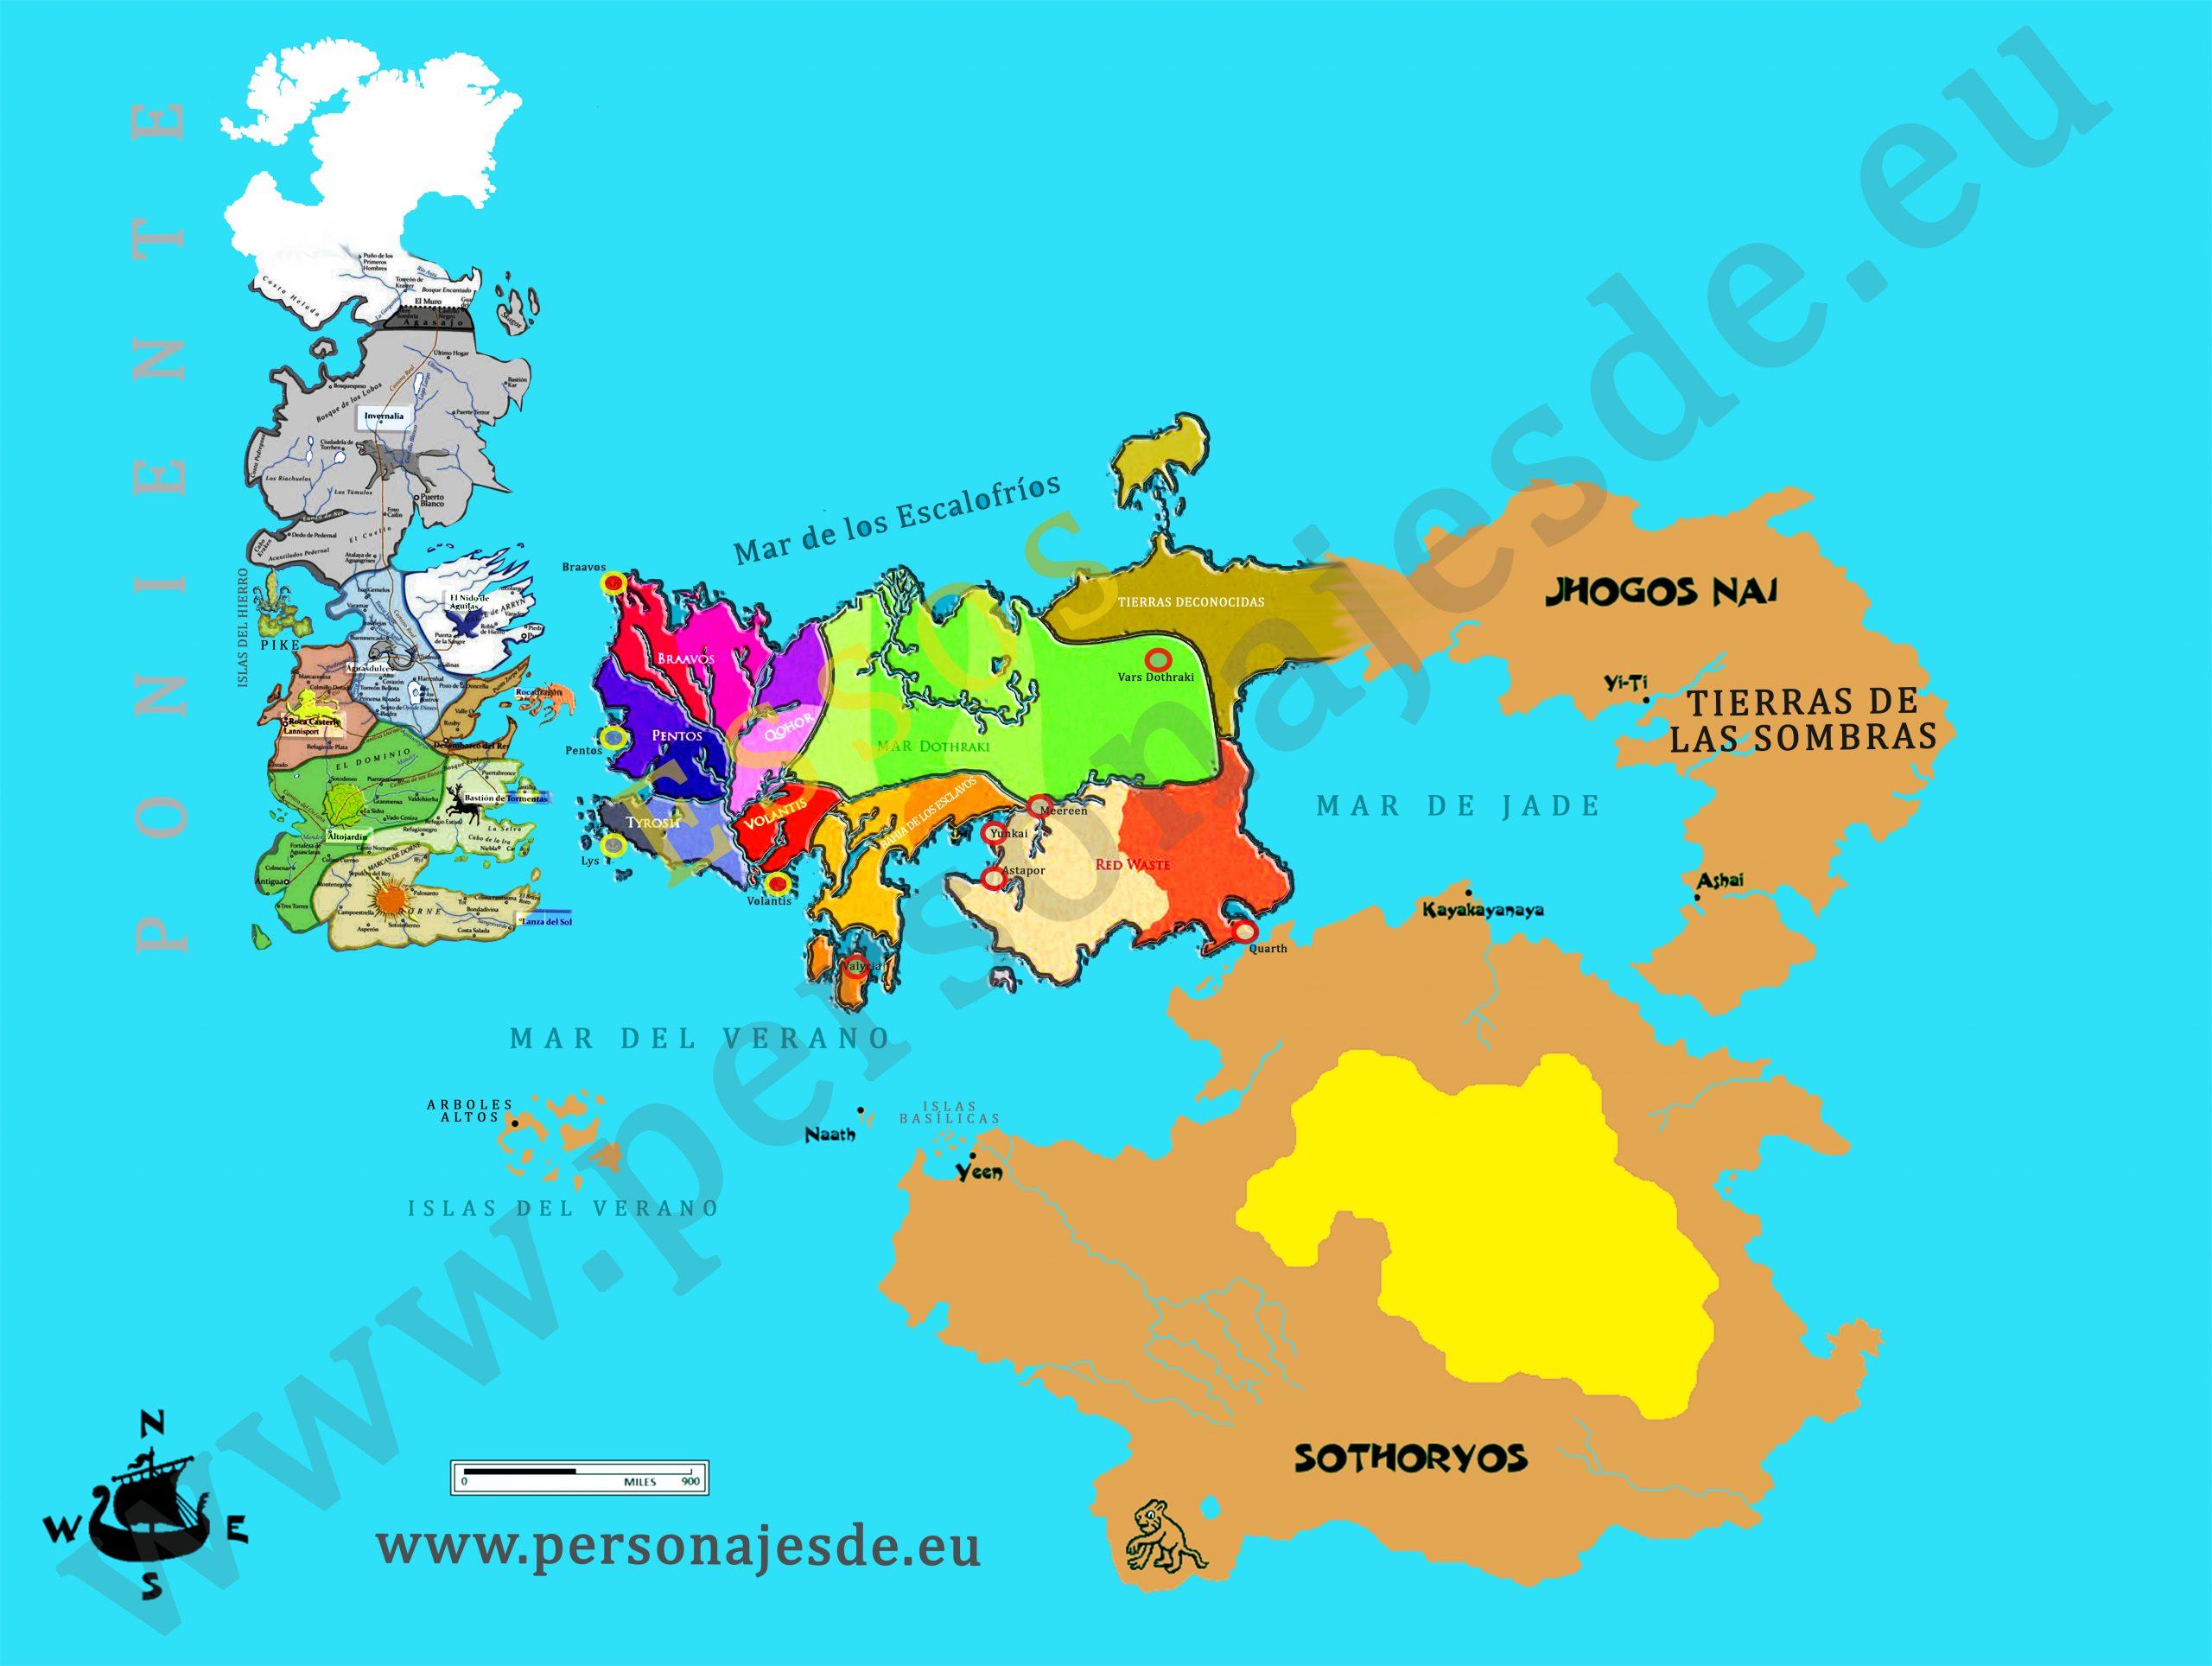 Mapa completo del mundo de Juego de Tronos en Español